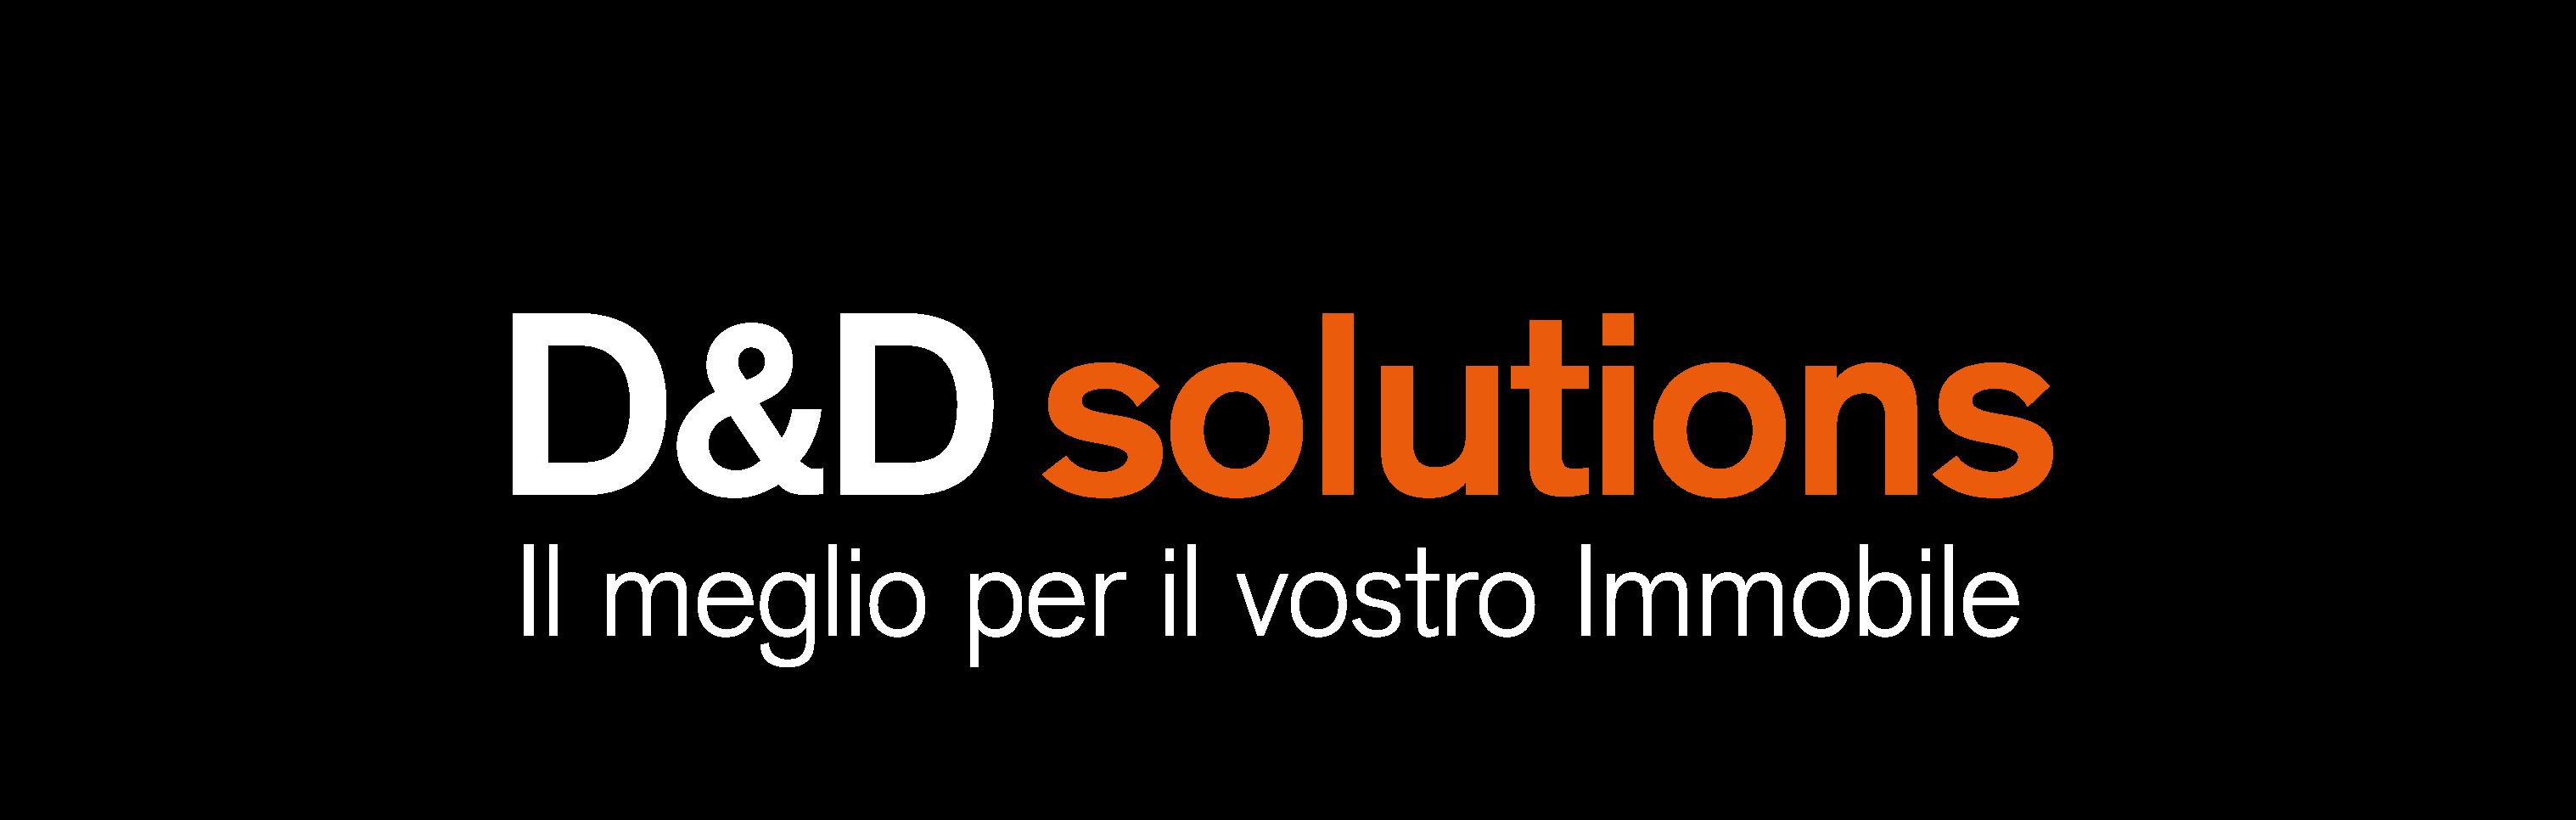 D&D solutions – Il meglio per il vostro immobile